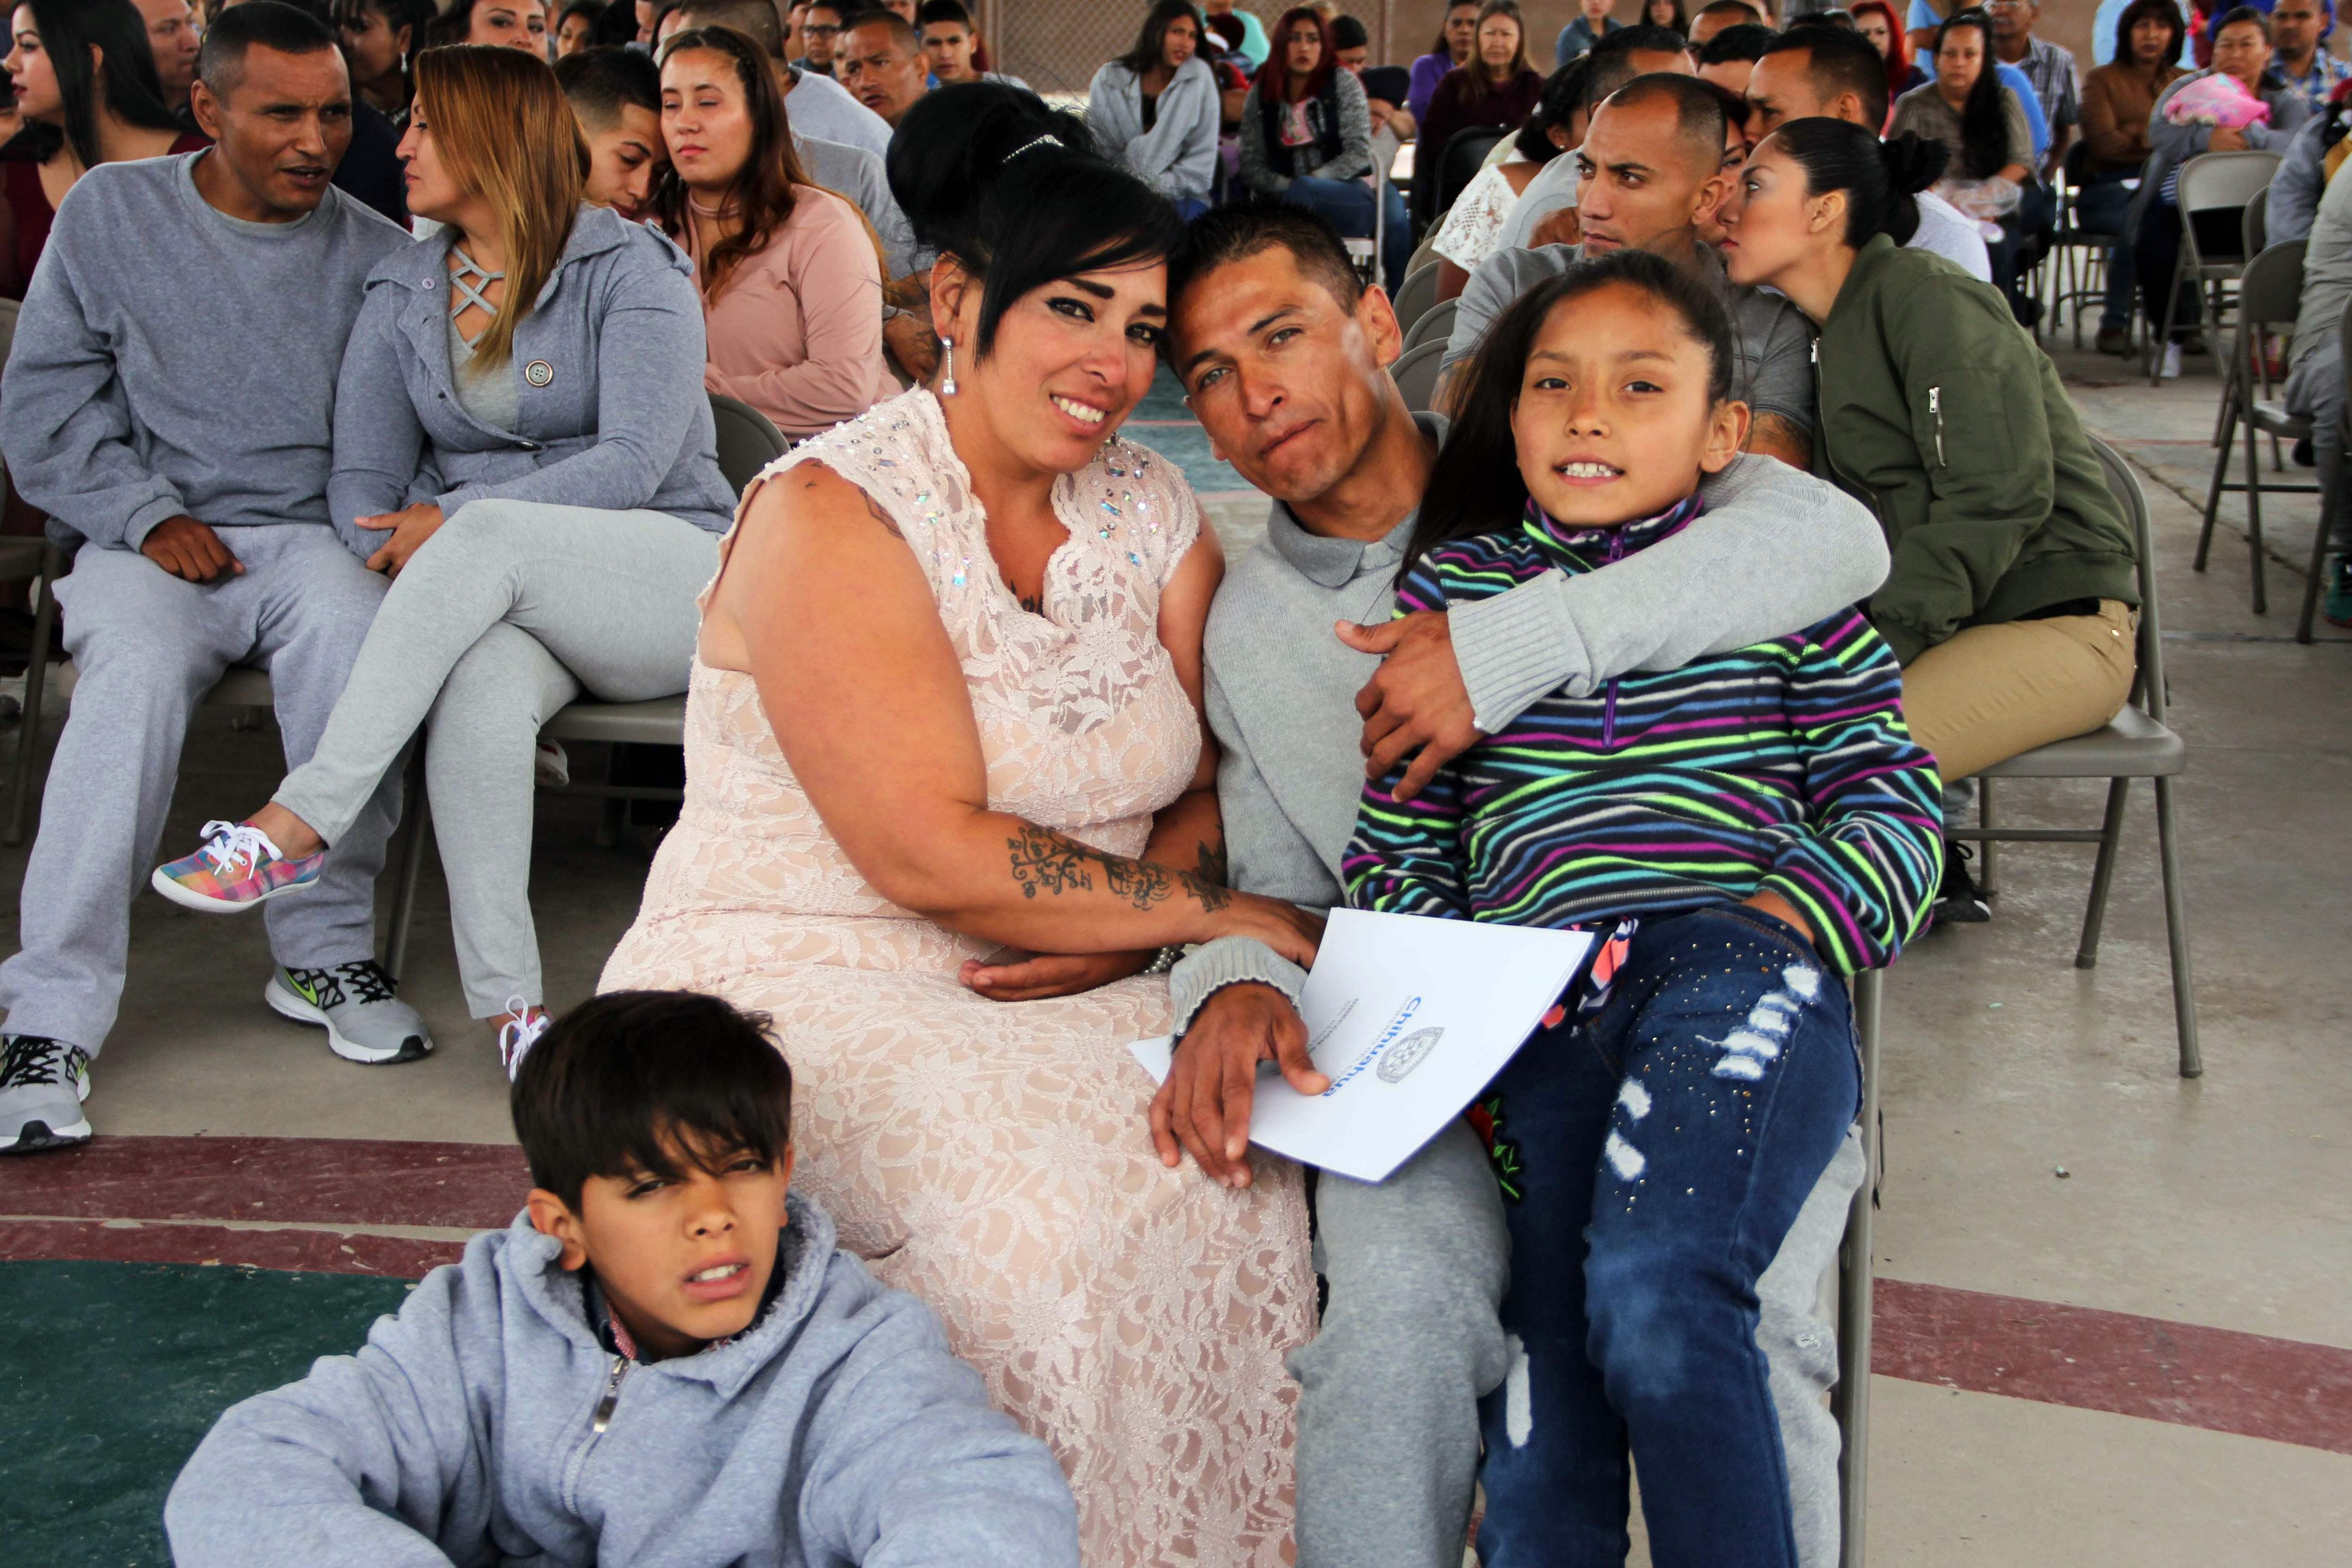 جانب من الاحتفالات داخل السجن بالمكسيك